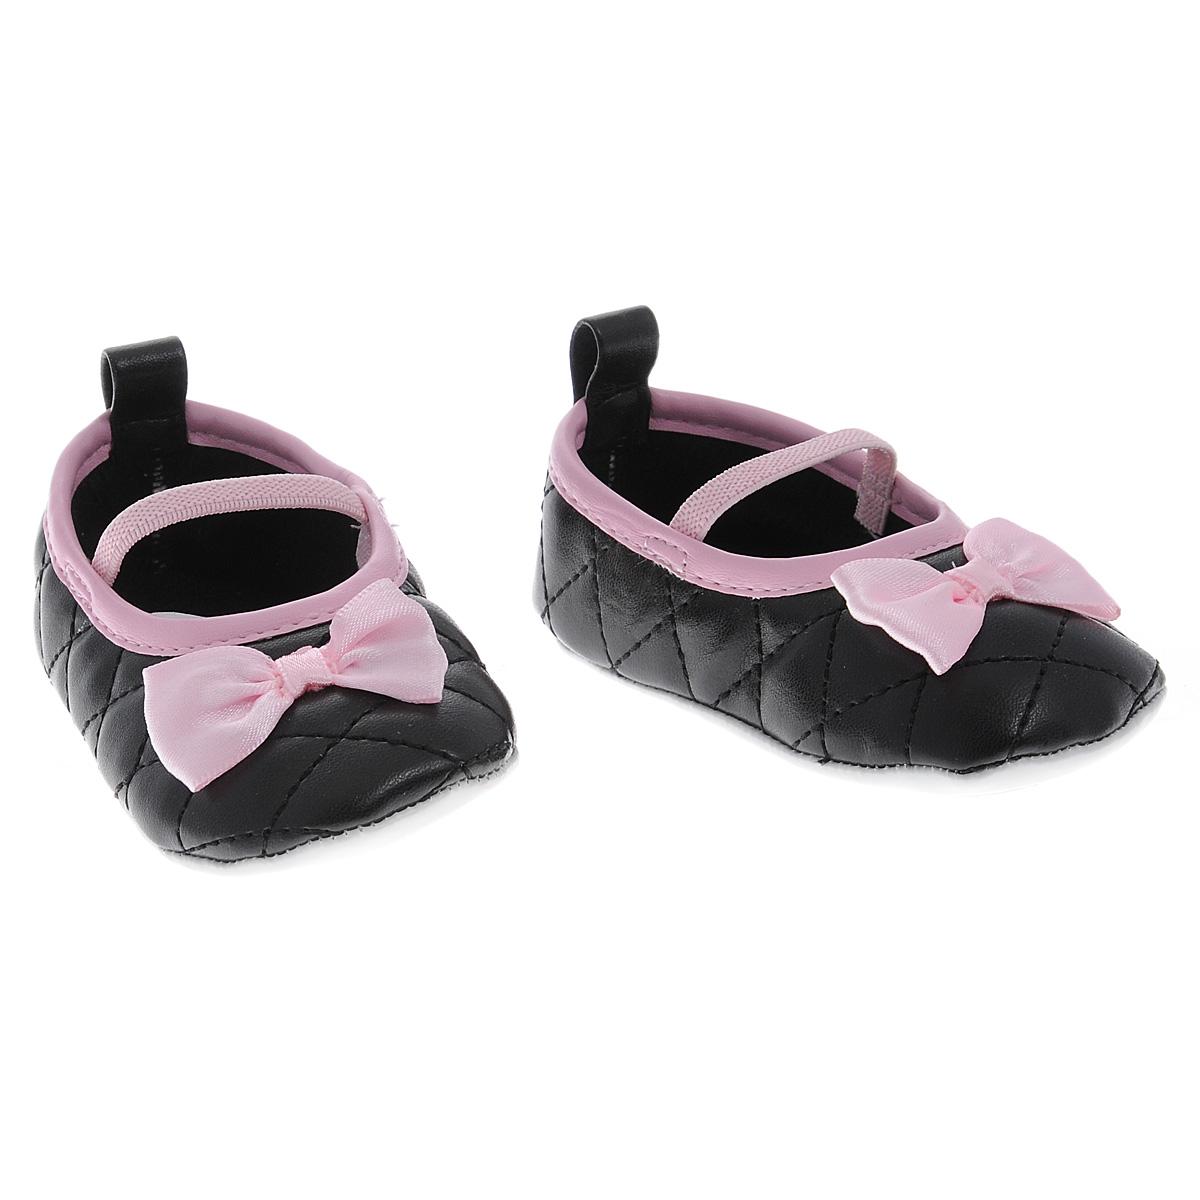 Пинетки для девочки Стеганые балетки Мэри. 1116511165Оригинальные детские пинетки для девочки Luvable Friends, стилизованные под классические балетные туфли Мэри Джей - это легкая и удобная обувь для малышей. Удобная эластичная резинка-перемычка, надежно фиксирующая пинетки на ножке малышки, мягкие, не сдавливающие ножку материалы делают модель практичной и популярной. Стопа оформлена прорезиненным рельефным рисунком, благодаря которому ребенок не будет скользить. Мягкие, стеганные, украшенные отделкой из кантика и атласного банта, пинетки украсят гардероб маленькой модницы!